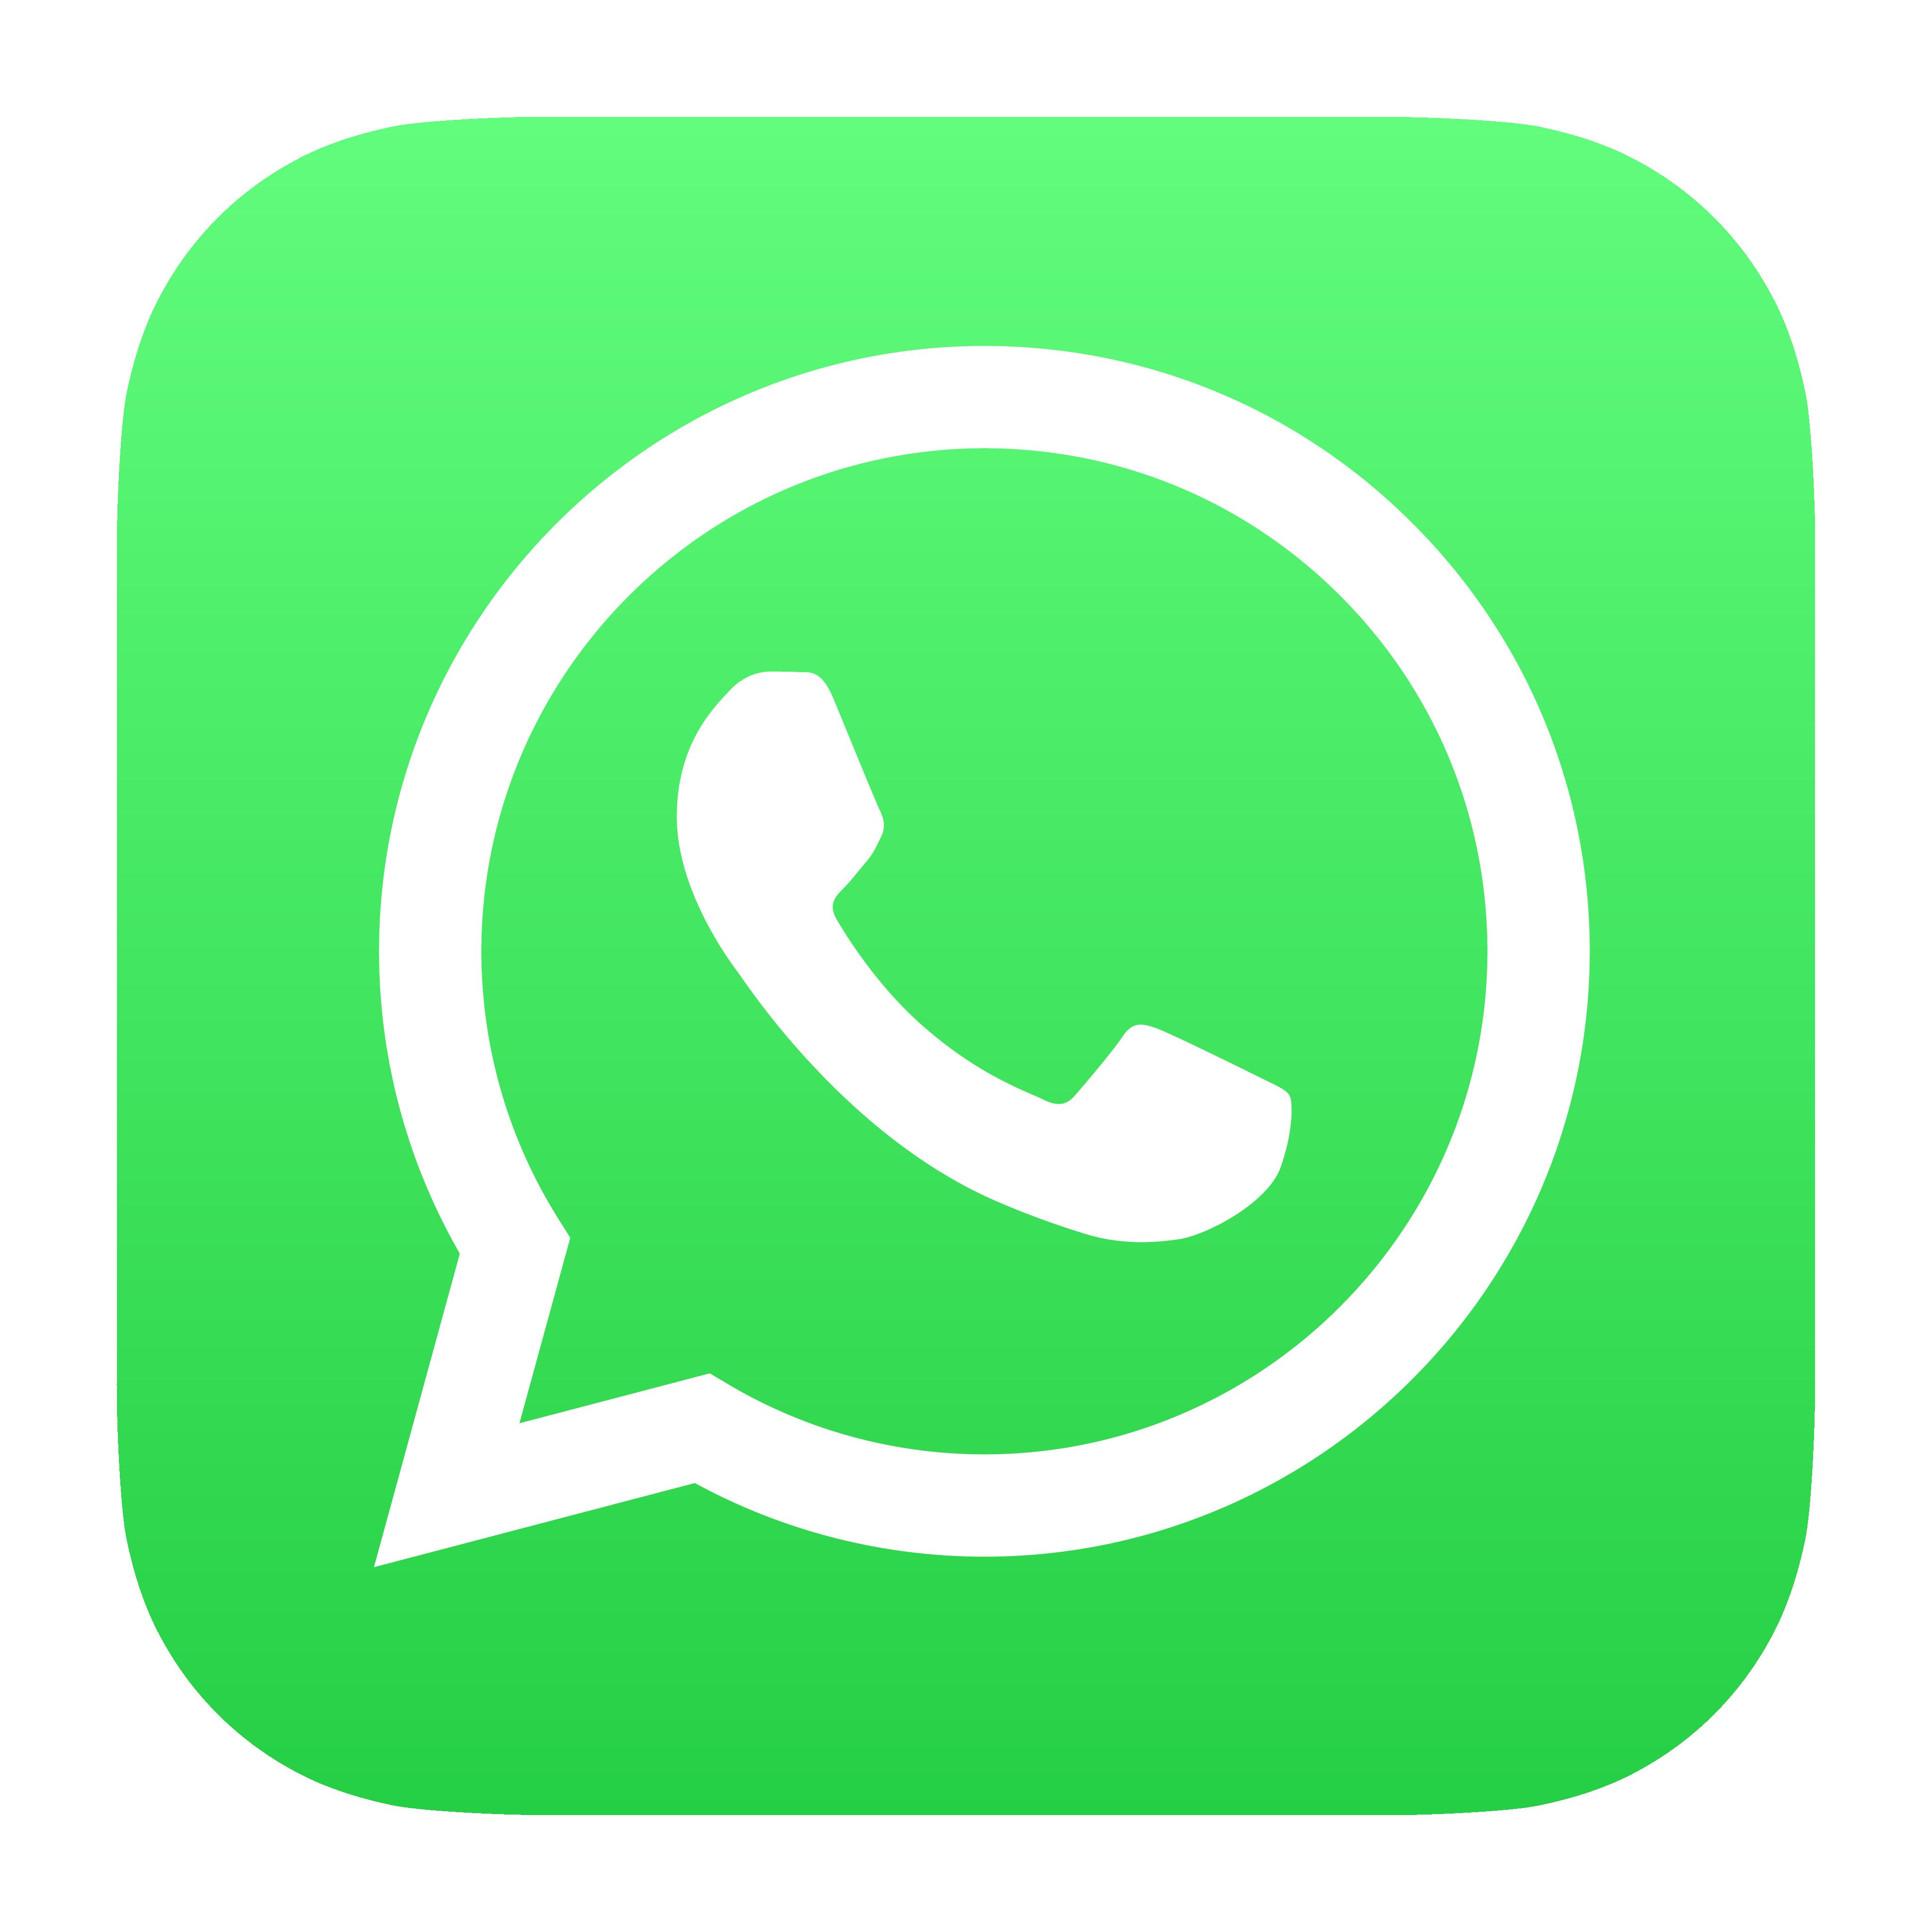 Logo Whatsapp Logos Png Ilustrasi Bisnis Logo Aplikasi Desain Logo Bisnis